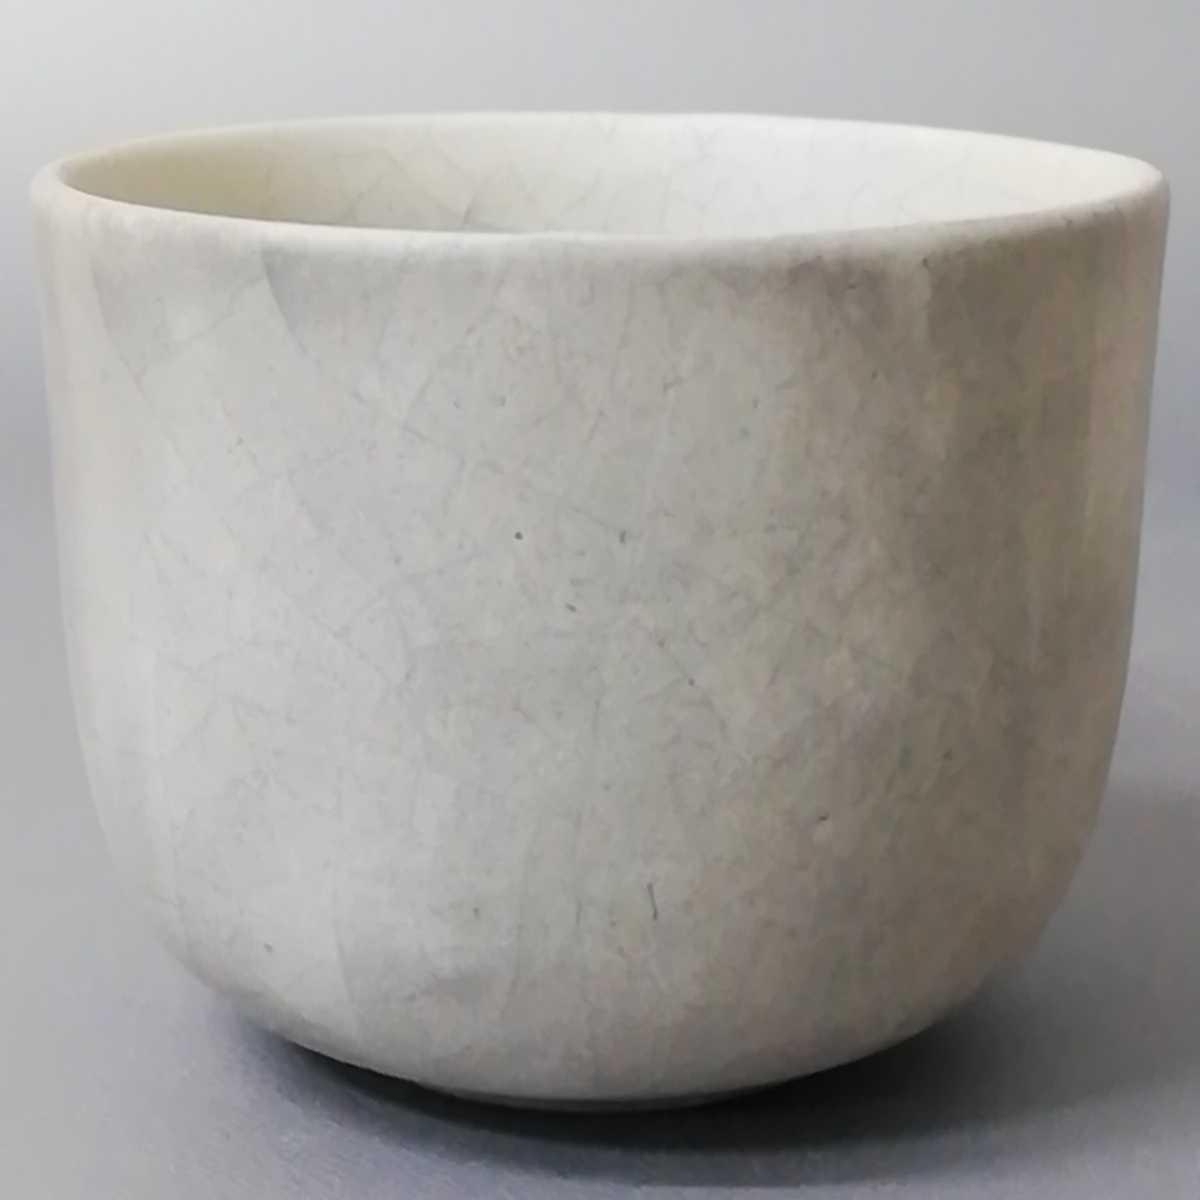 三23)萩焼 コーヒーカップ マグカップ 珈琲器 未使用新品 同梱歓迎_画像3